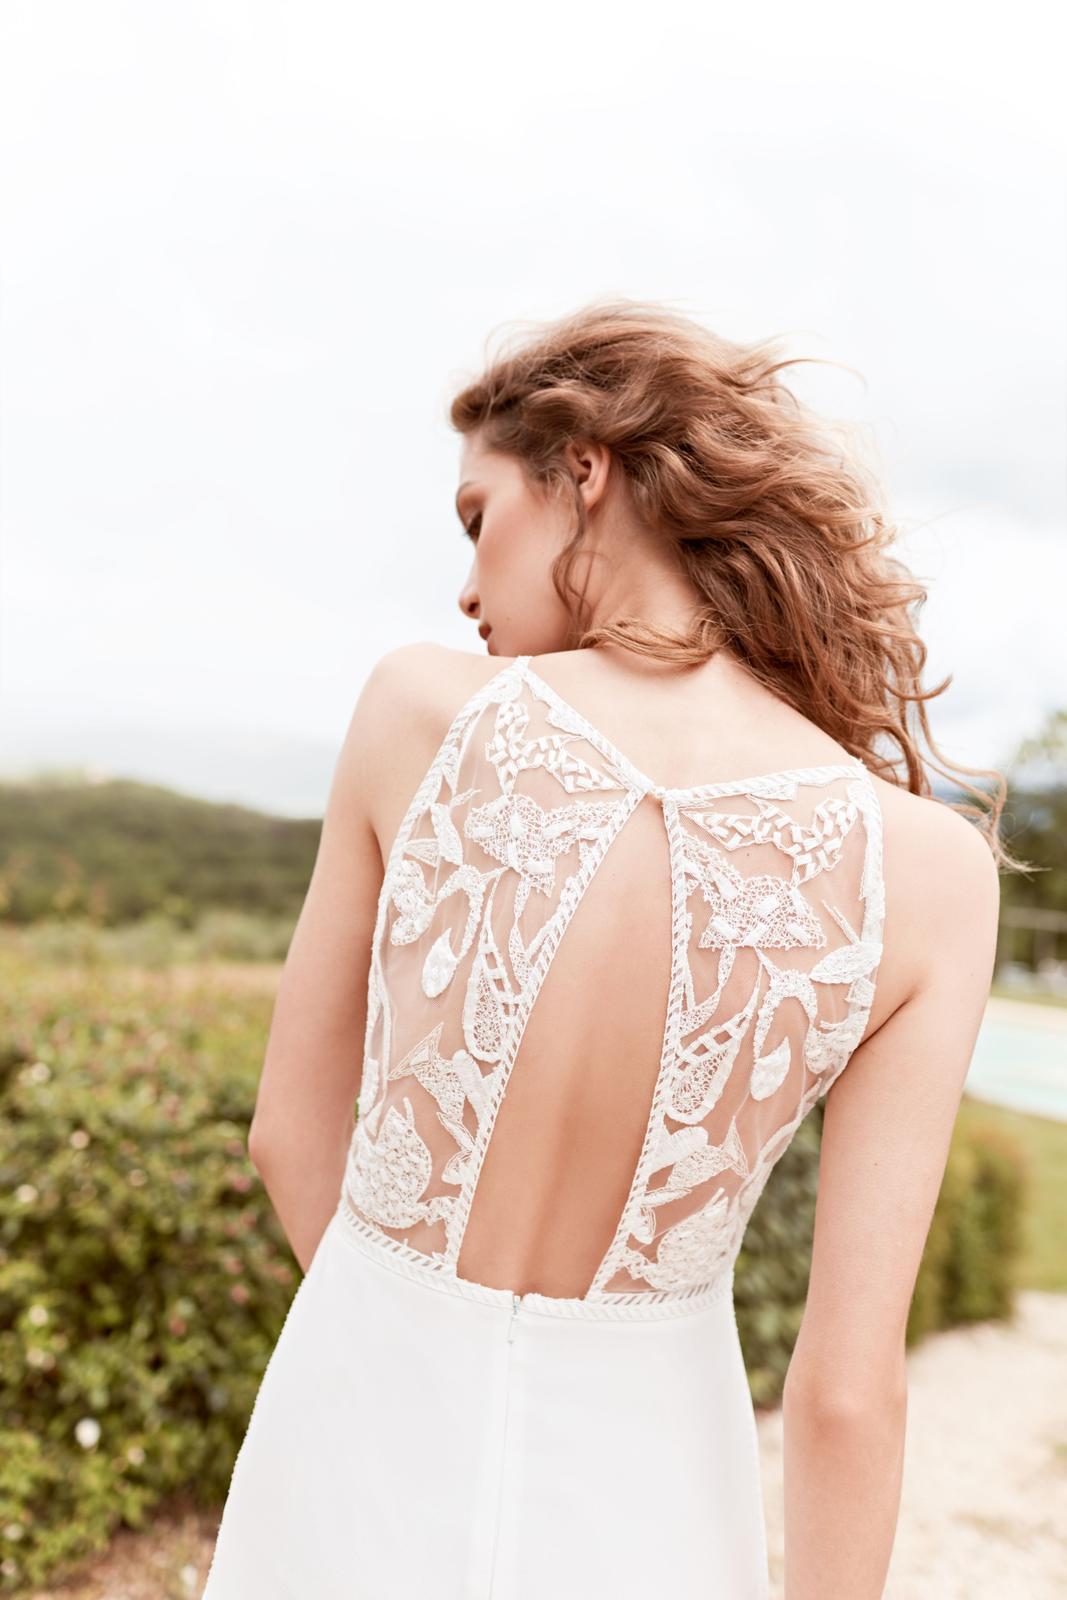 Anna Kara * Svadobné šaty z kolekcií na rok 2019 - Obrázok č. 94